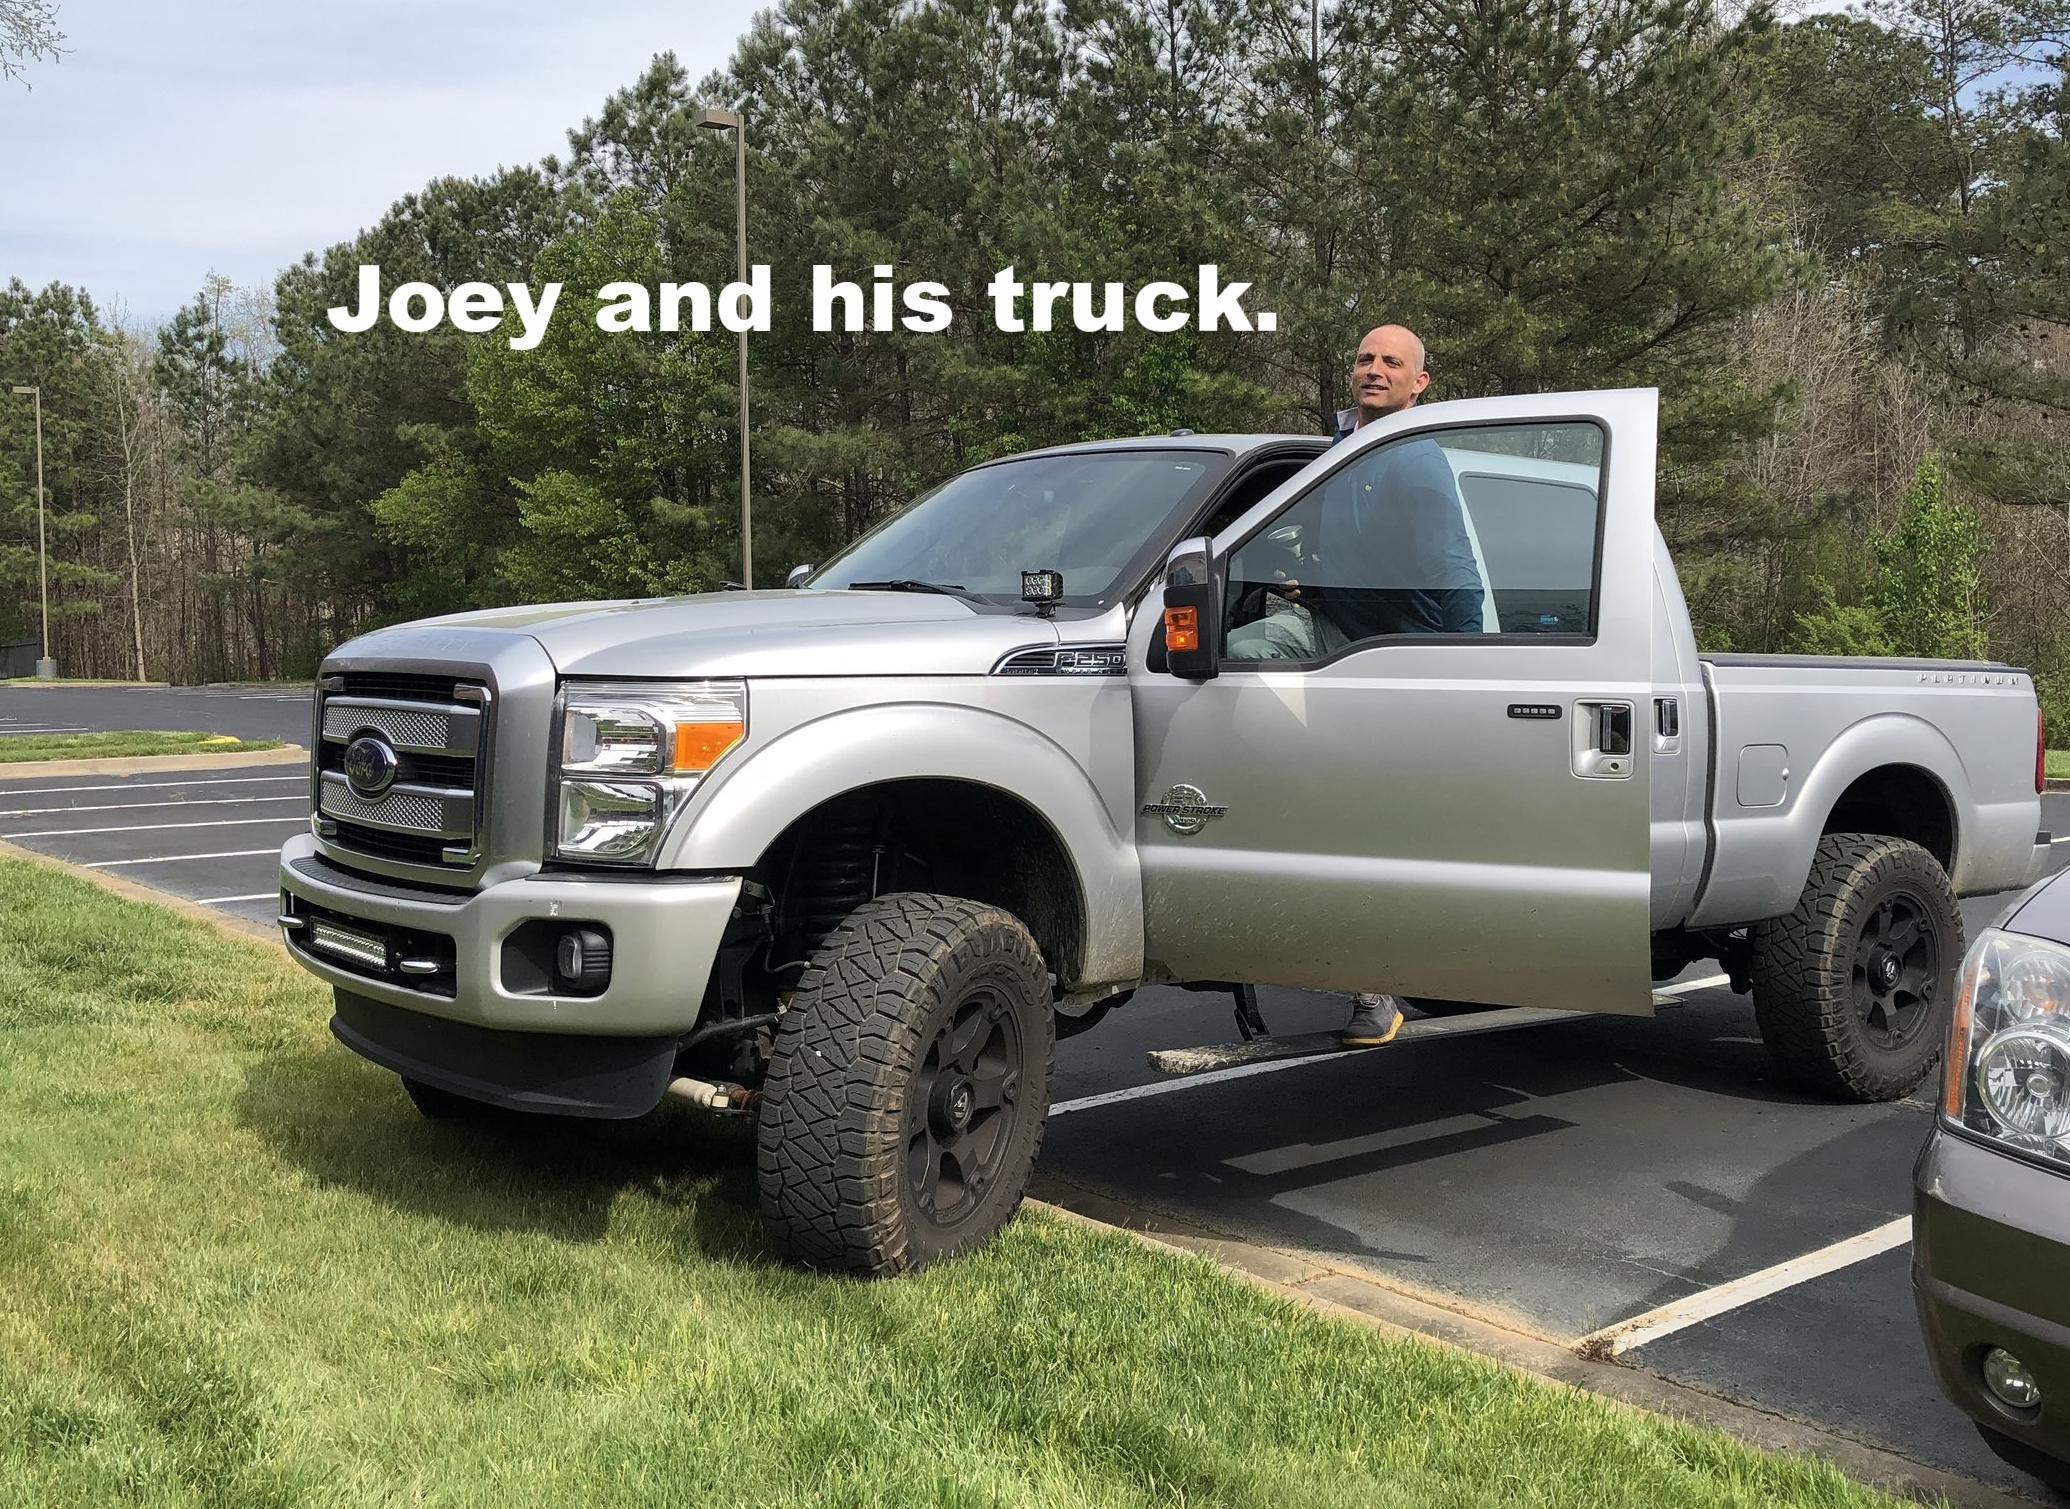 joeytruck.jpeg